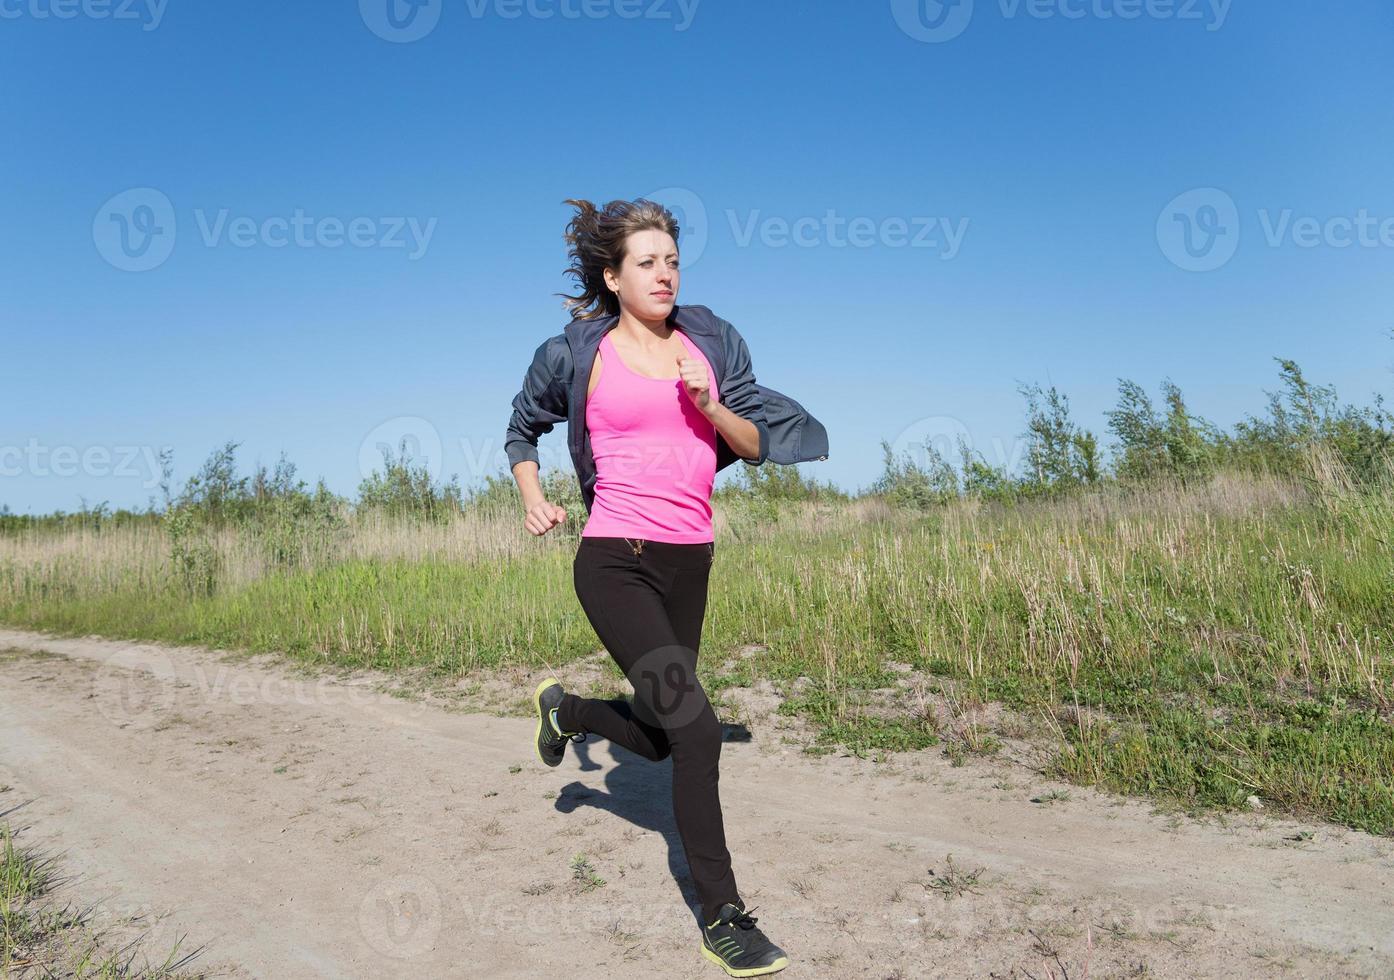 junge Fitnessfrau läuft foto